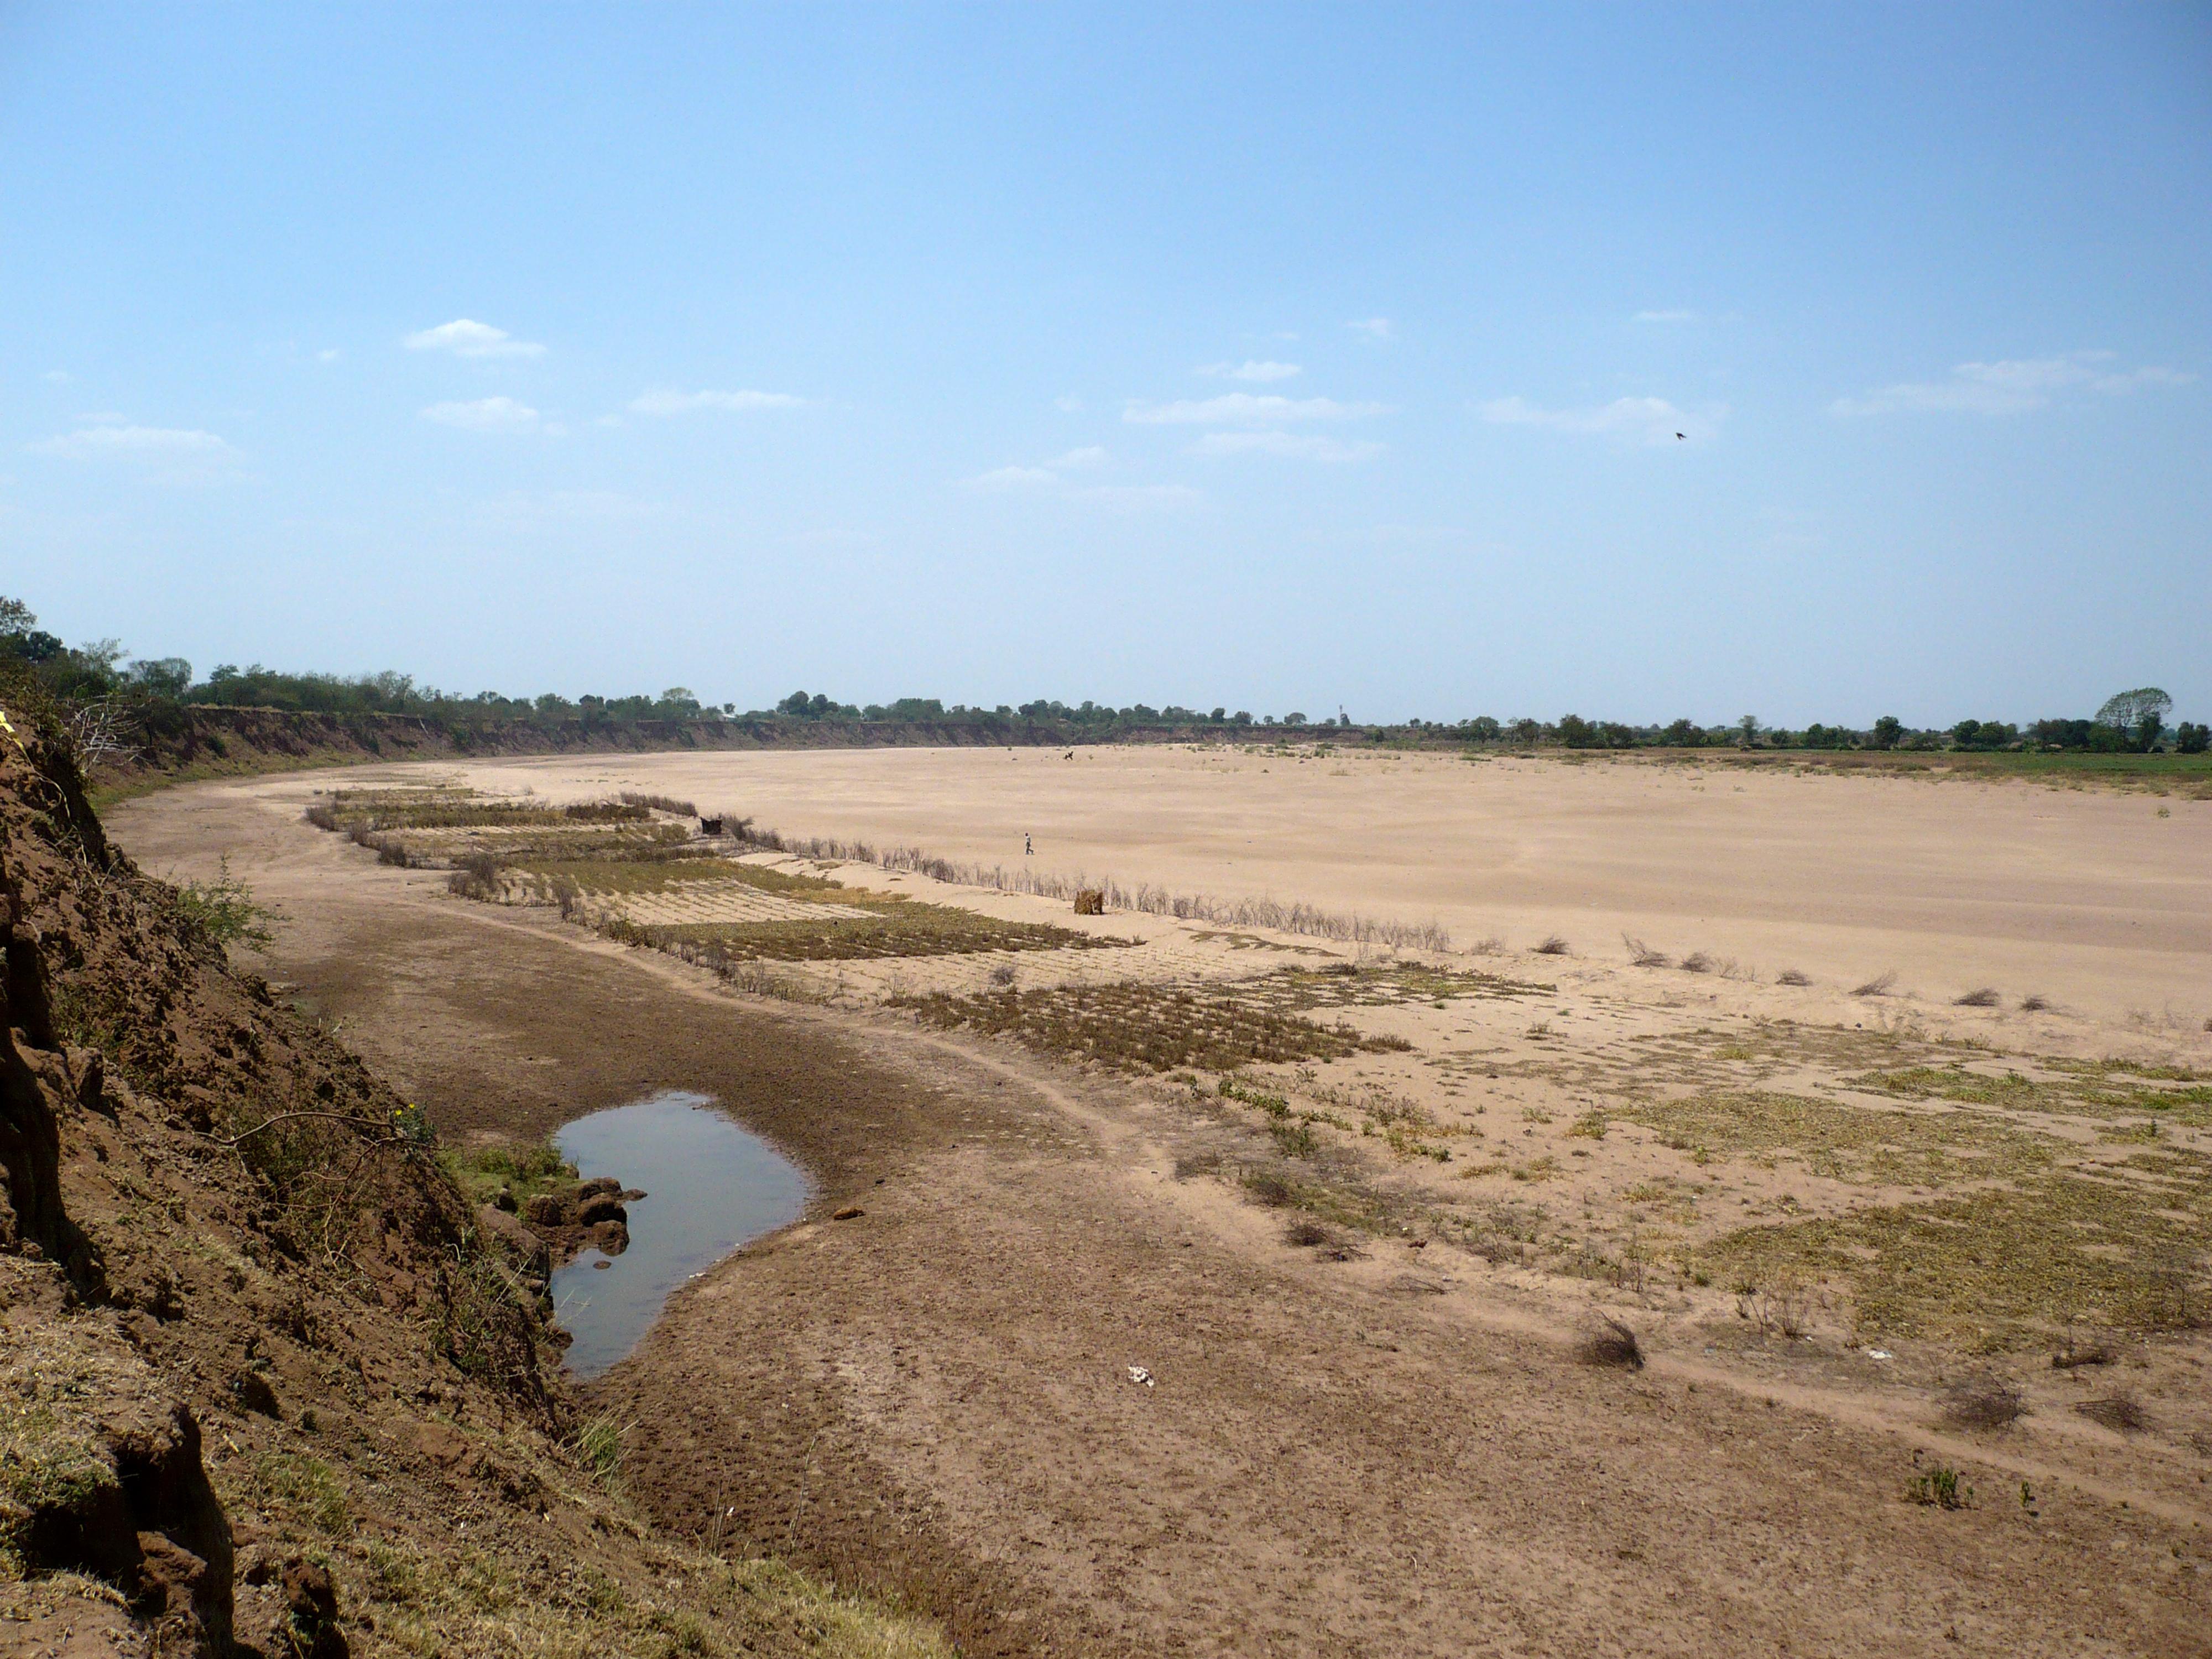 सदानीरा नदी अब